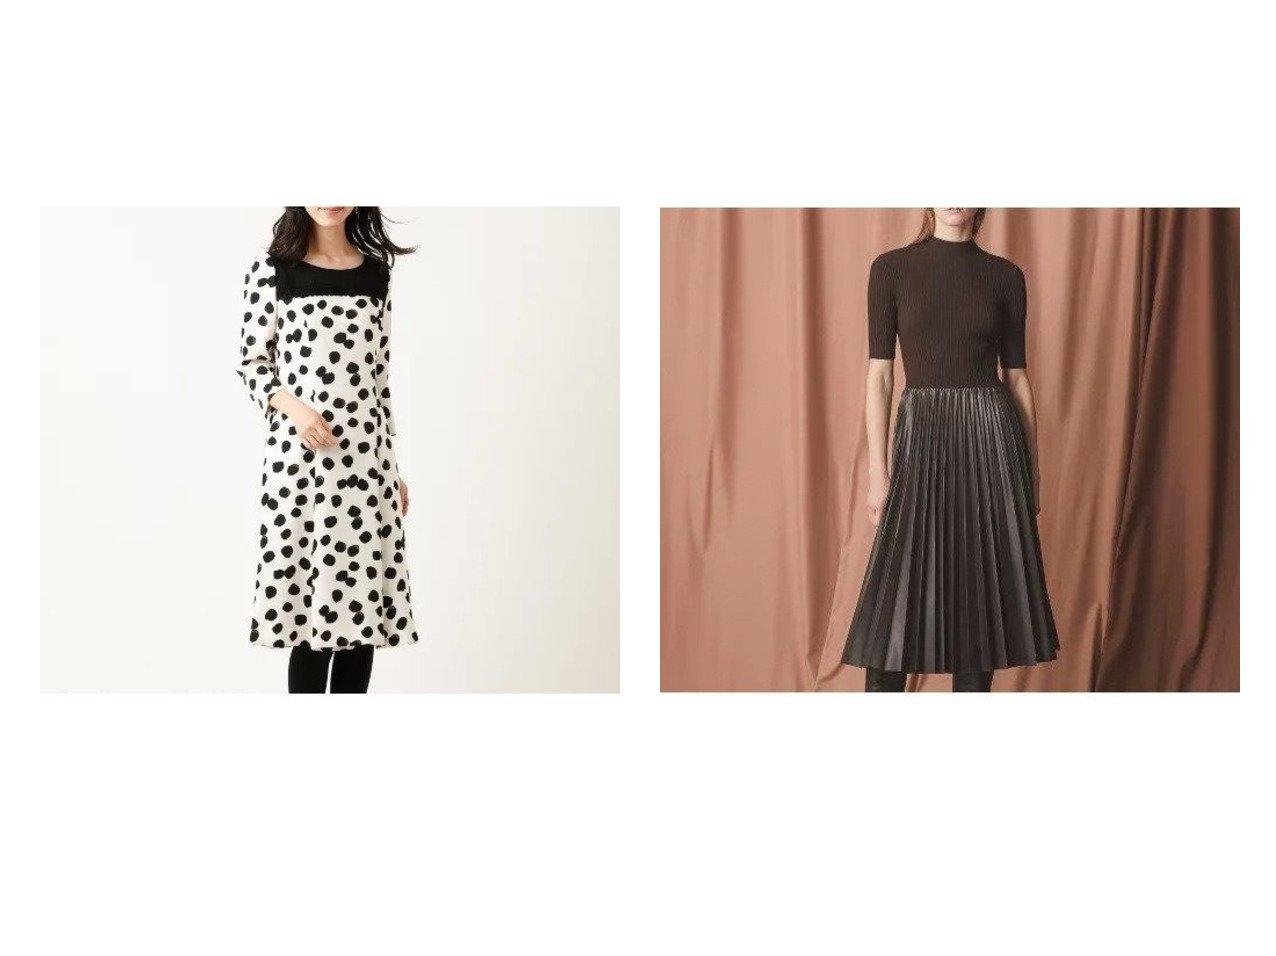 【EPOCA/エポカ】の【La maglia】プリーツコンビニットドレス&【TO BE CHIC/トゥー ビー シック】のドットサテンドレス ワンピース・ドレスのおすすめ!人気、レディースファッションの通販 おすすめで人気のファッション通販商品 インテリア・家具・キッズファッション・メンズファッション・レディースファッション・服の通販 founy(ファニー) https://founy.com/ ファッション Fashion レディース WOMEN ワンピース Dress ドレス Party Dresses ケミカル サテン ストレッチ スリット ドット ドレス フィット フォルム フォーマル プリント ヨーク レース 切替 無地 シンプル ダウン ドッキング プリーツ  ID:crp329100000001354